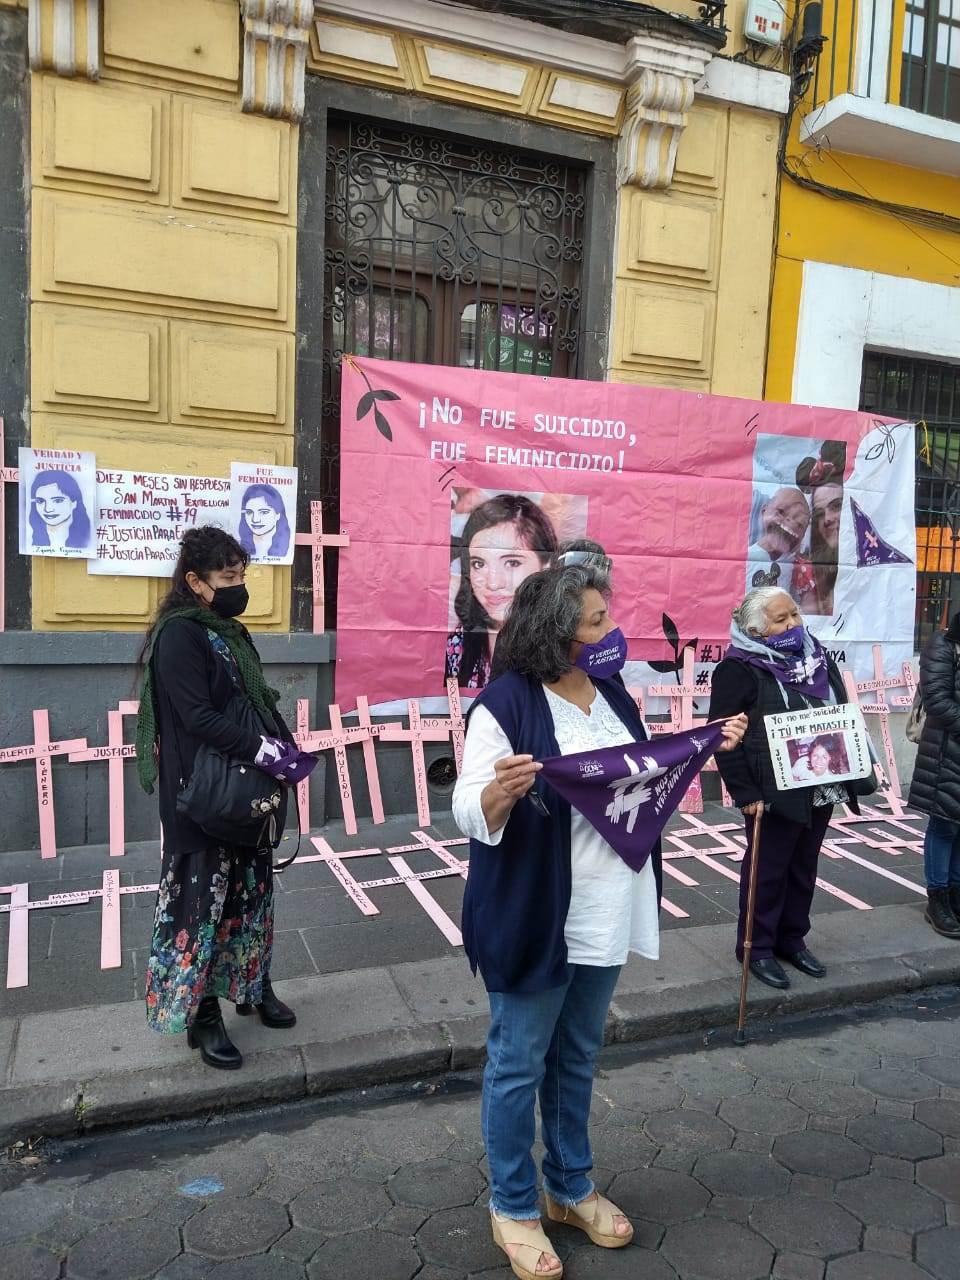 El OCFN ha detectado que los casos de feminicidio no son investigados con perspectiva de género por parte de la Fiscalía de Puebla. Fotografía: Guadalupe Juárez